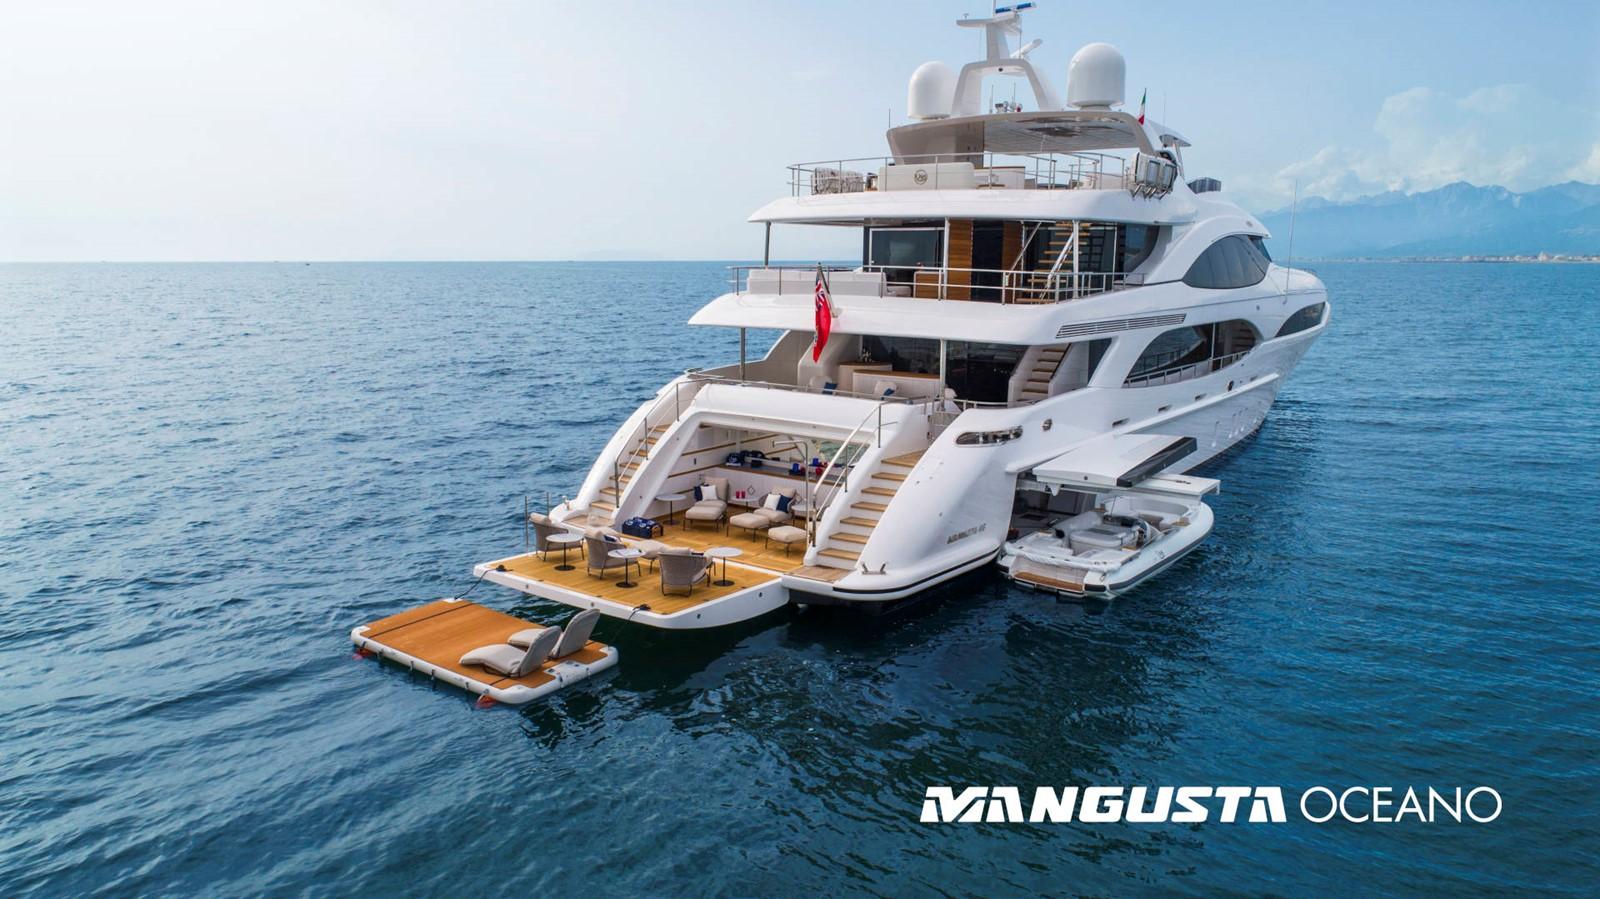 2021 OVERMARINE GROUP Mangusta Oceano 46  2570609